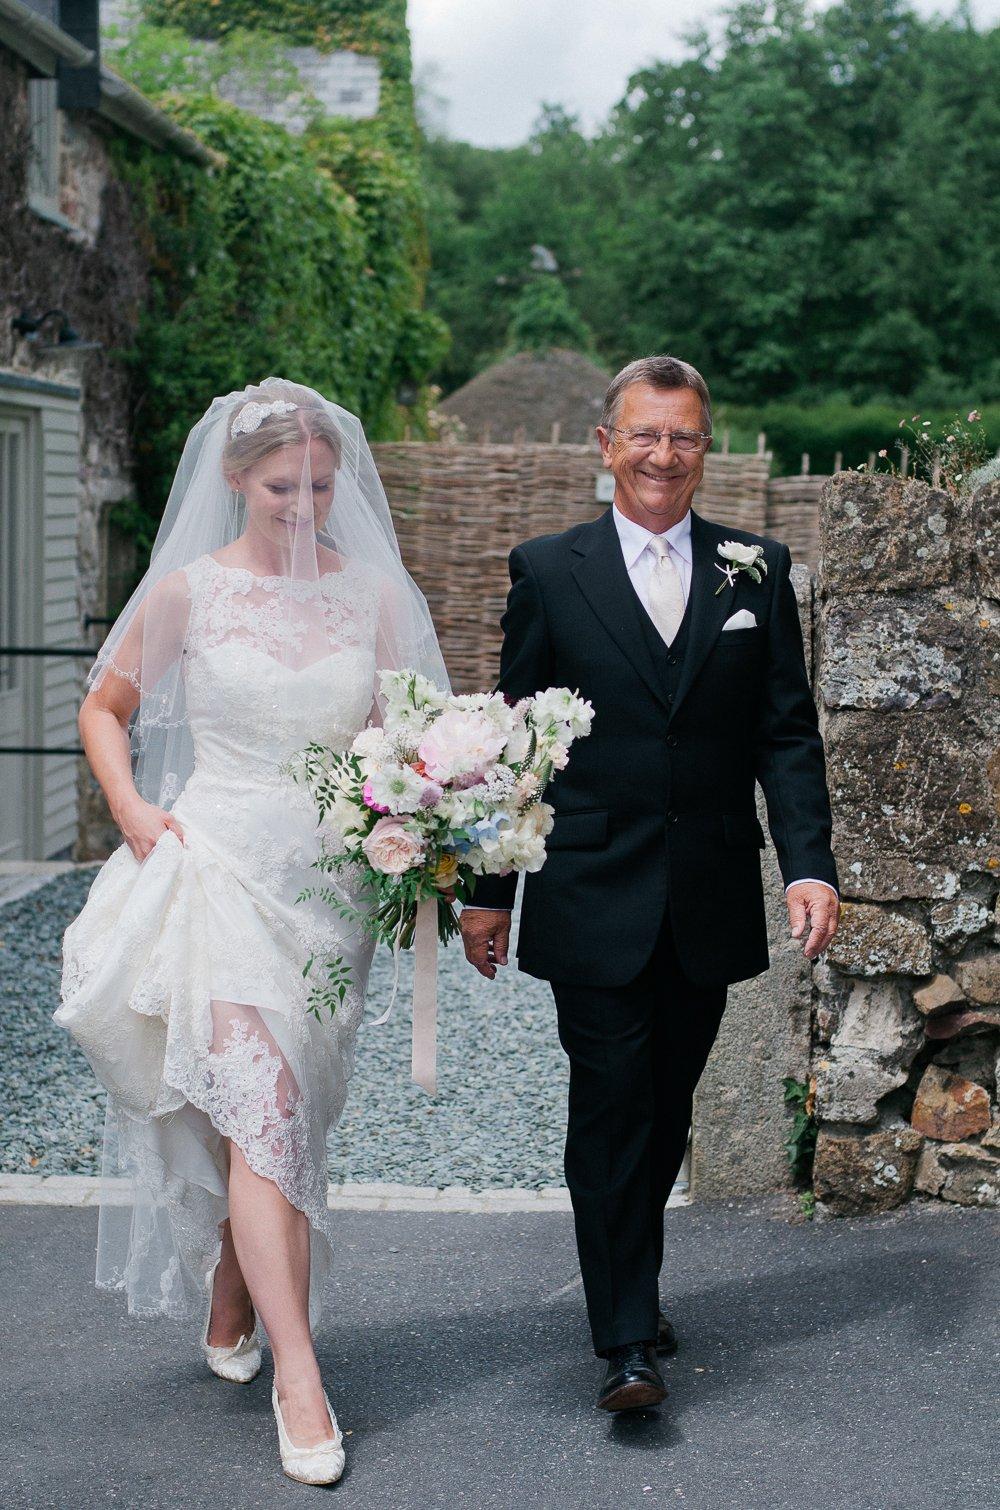 Elegant Barn Wedding At The Great Barn Devon With Bride In Lusan ...